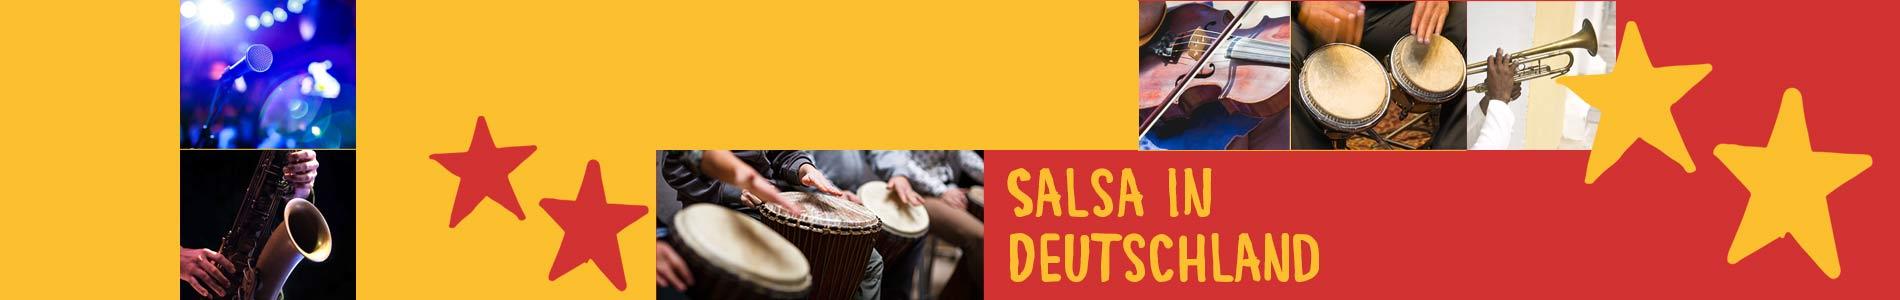 Salsa in Busenberg – Salsa lernen und tanzen, Tanzkurse, Partys, Veranstaltungen